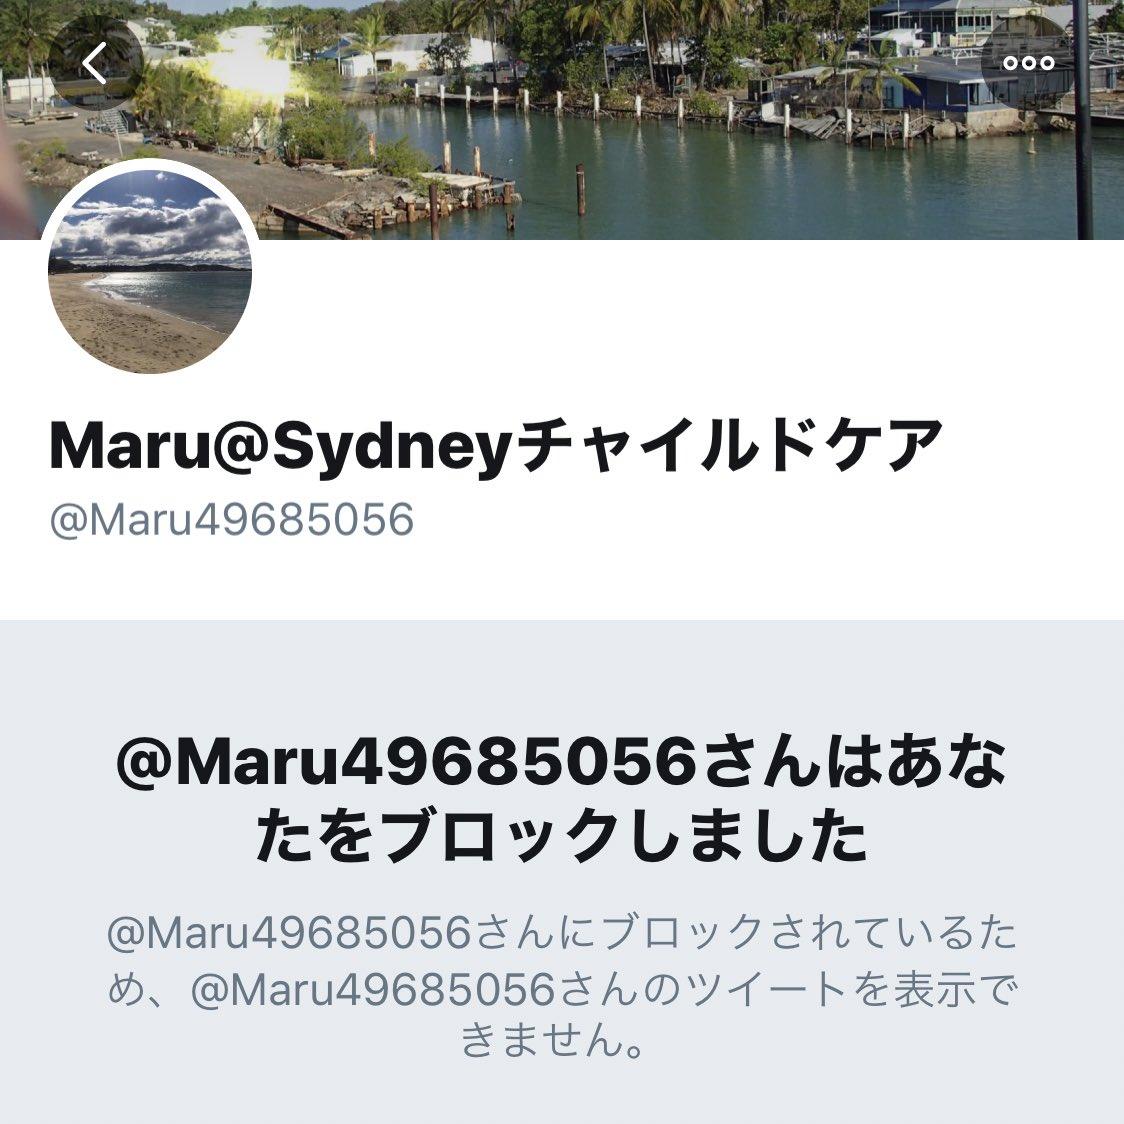 スクショしただけなのでご本人には通知がいってないはずなんだけど、いつのまにかブロックされていた。気分を害した事はごめんなさいね。でもね、それが、Twitter。